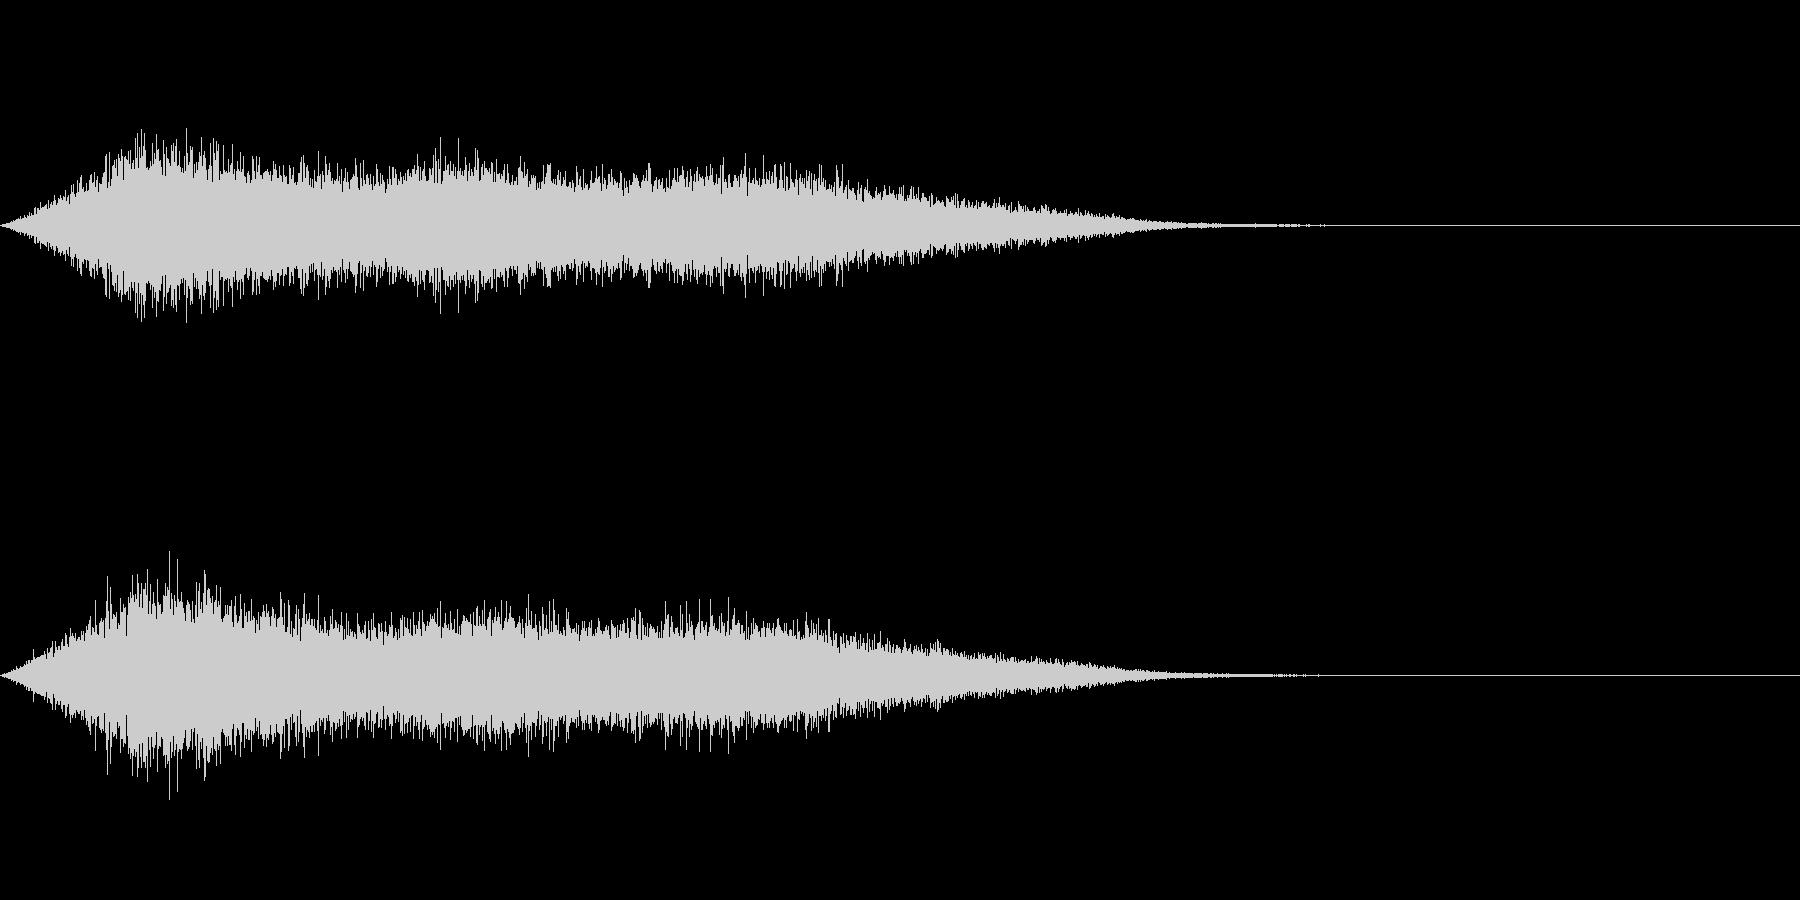 ワァーキャー!コンサートやライブの歓声1の未再生の波形